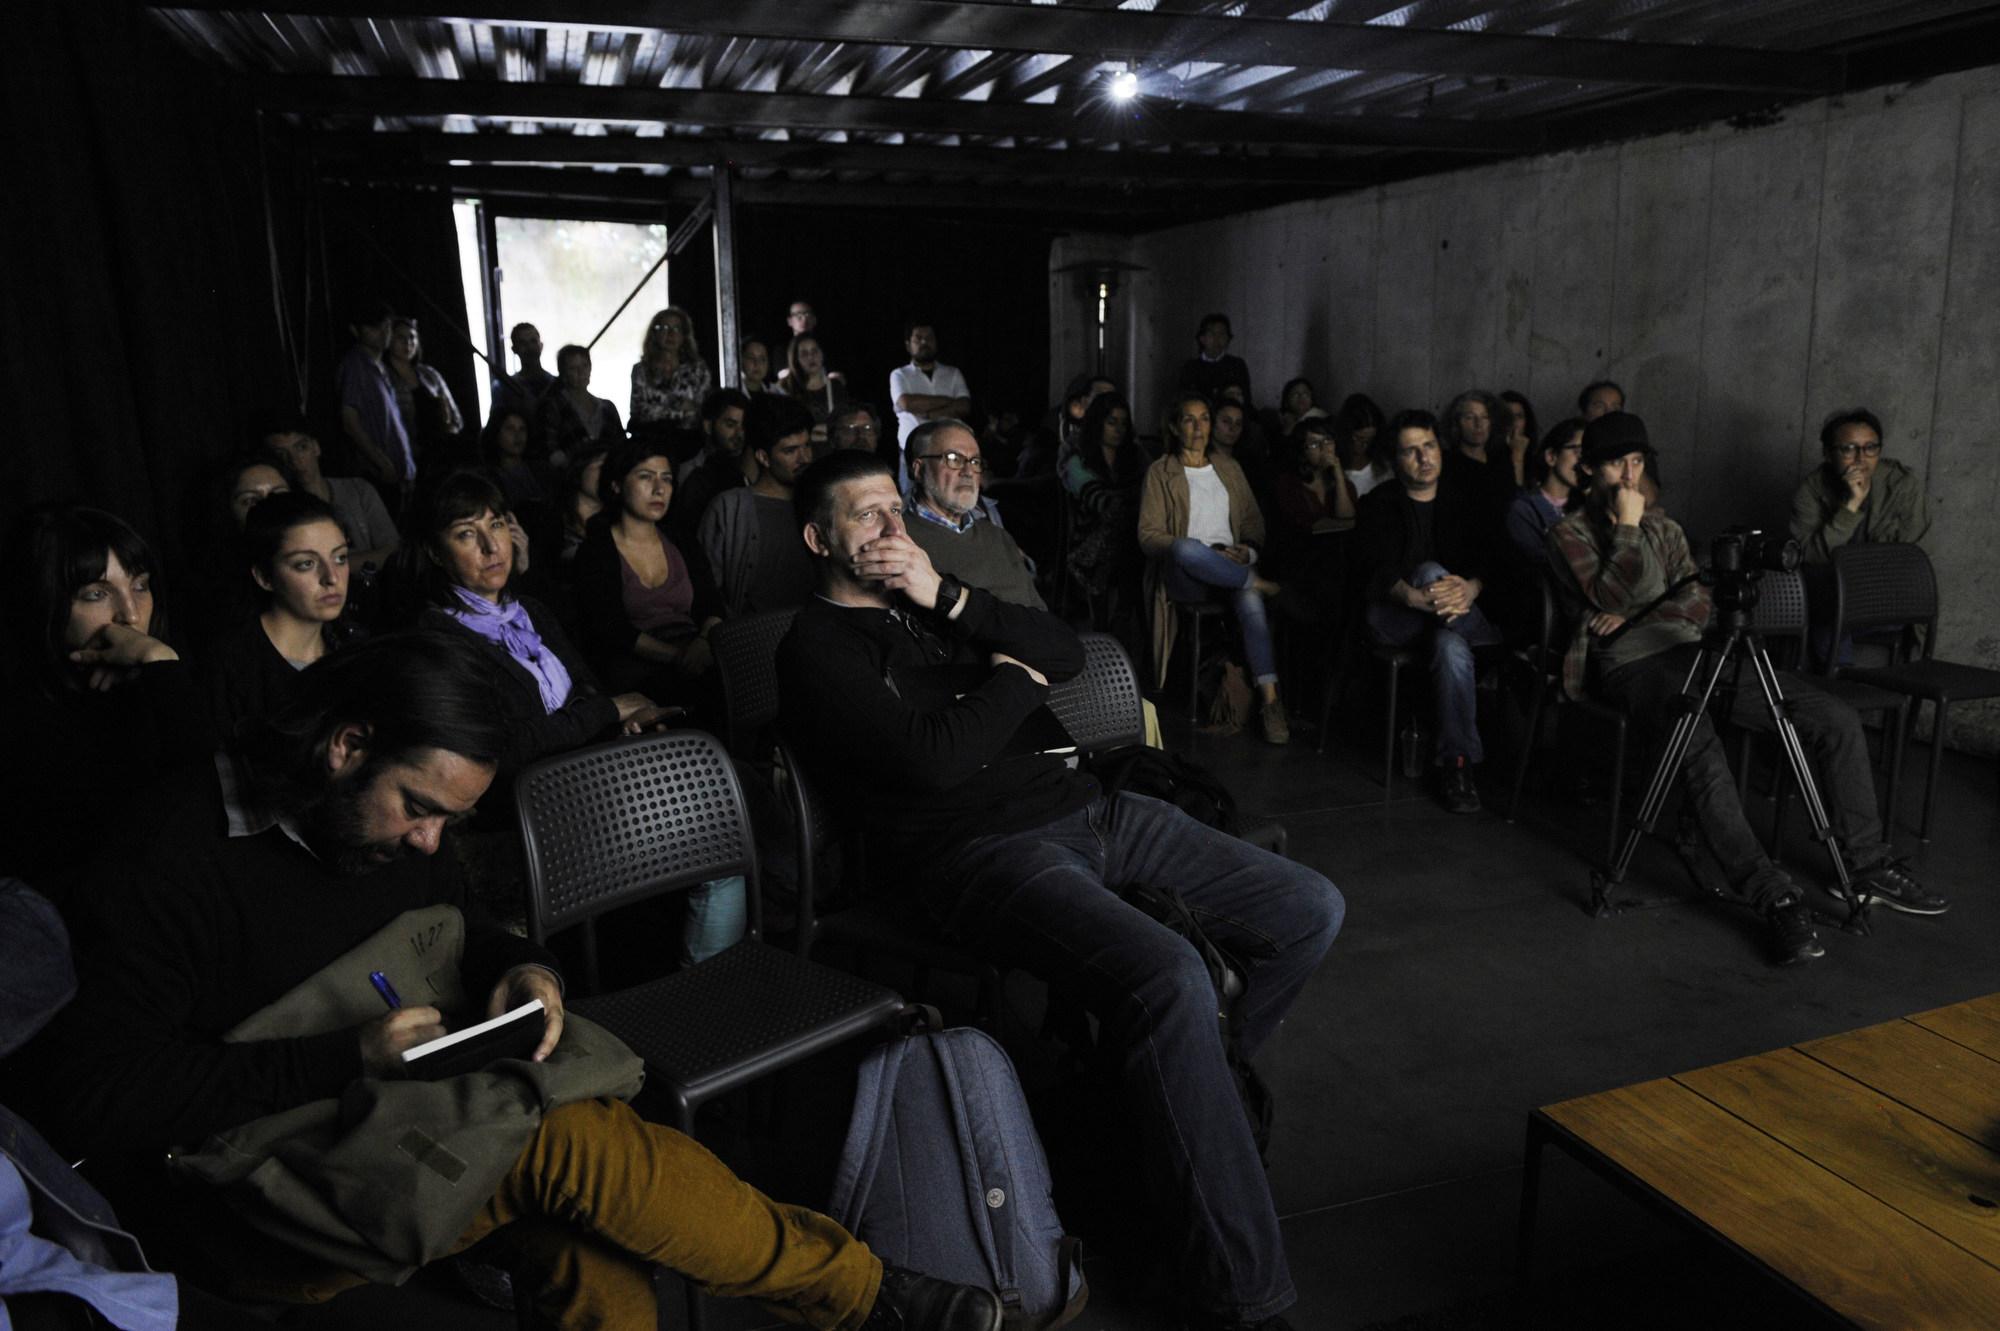 Invitados participan en Díalogos en el Restaurant El Internado en el marco de la 7ª edición del Festival Internacional de Fotografía en Valparaíso, FIFV 2016. ©Victor Ruiz Caballero